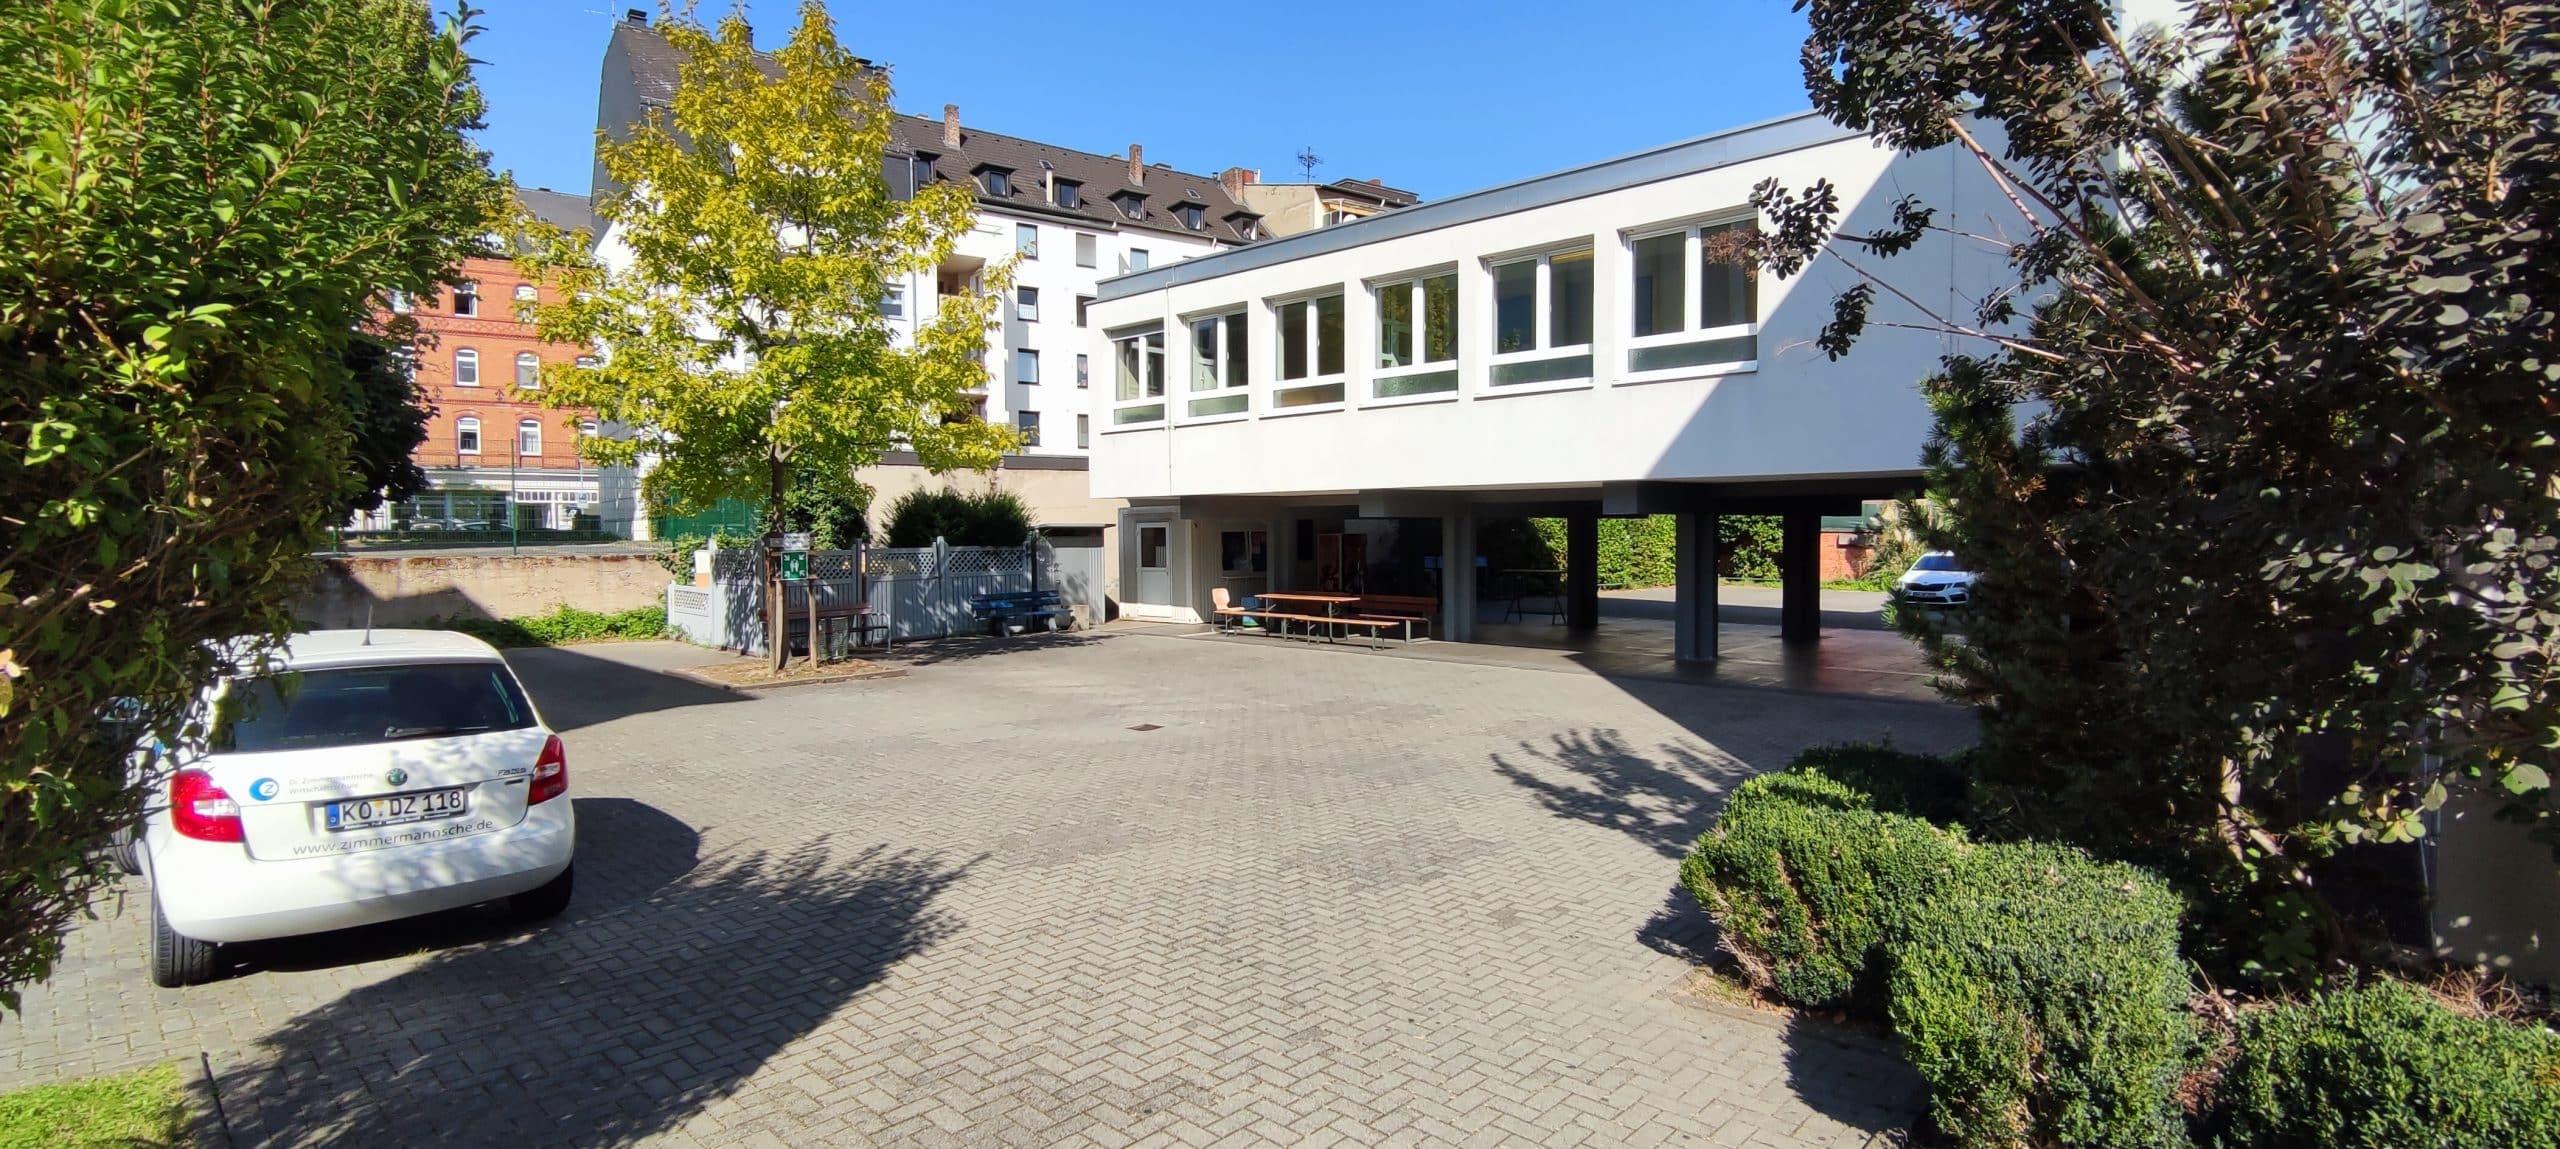 Dr. Zimmermannsche Wirtschaftsschule in Koblenz Schulhof aus Sicht der Hofeinfahrt mit Blick auf Firmenfahrzeug und den Anbau